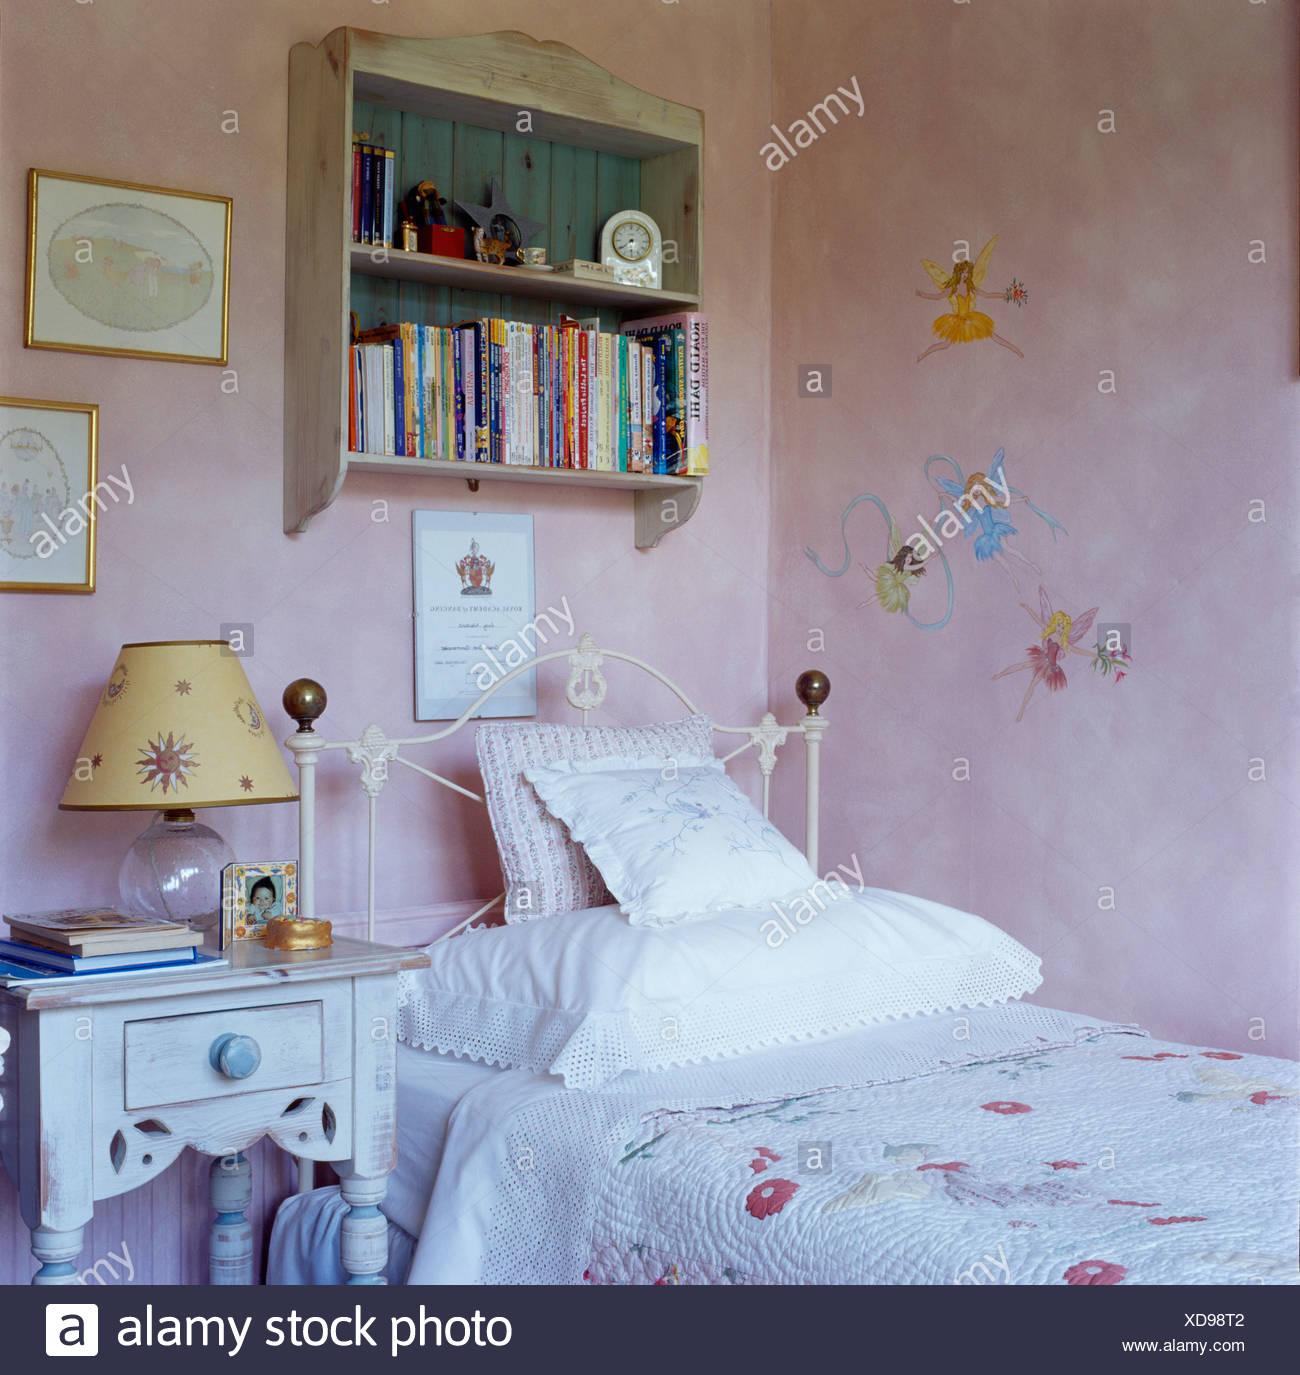 Erfreut Kinderzimmer Lila Rosa Galerie - Das Beste Architekturbild ...